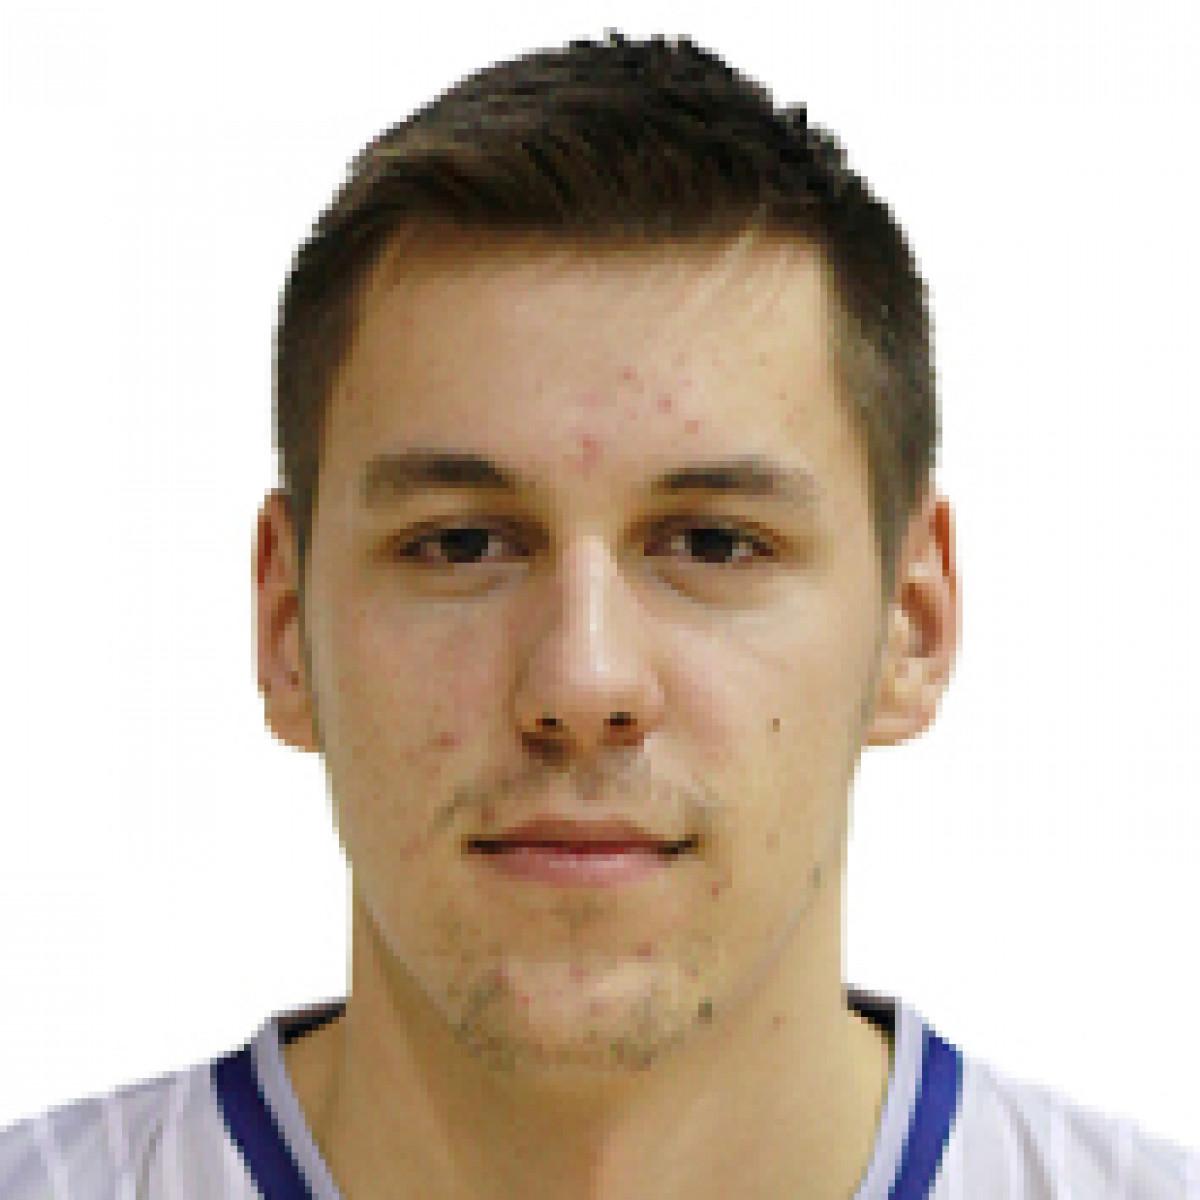 Matej Gondek